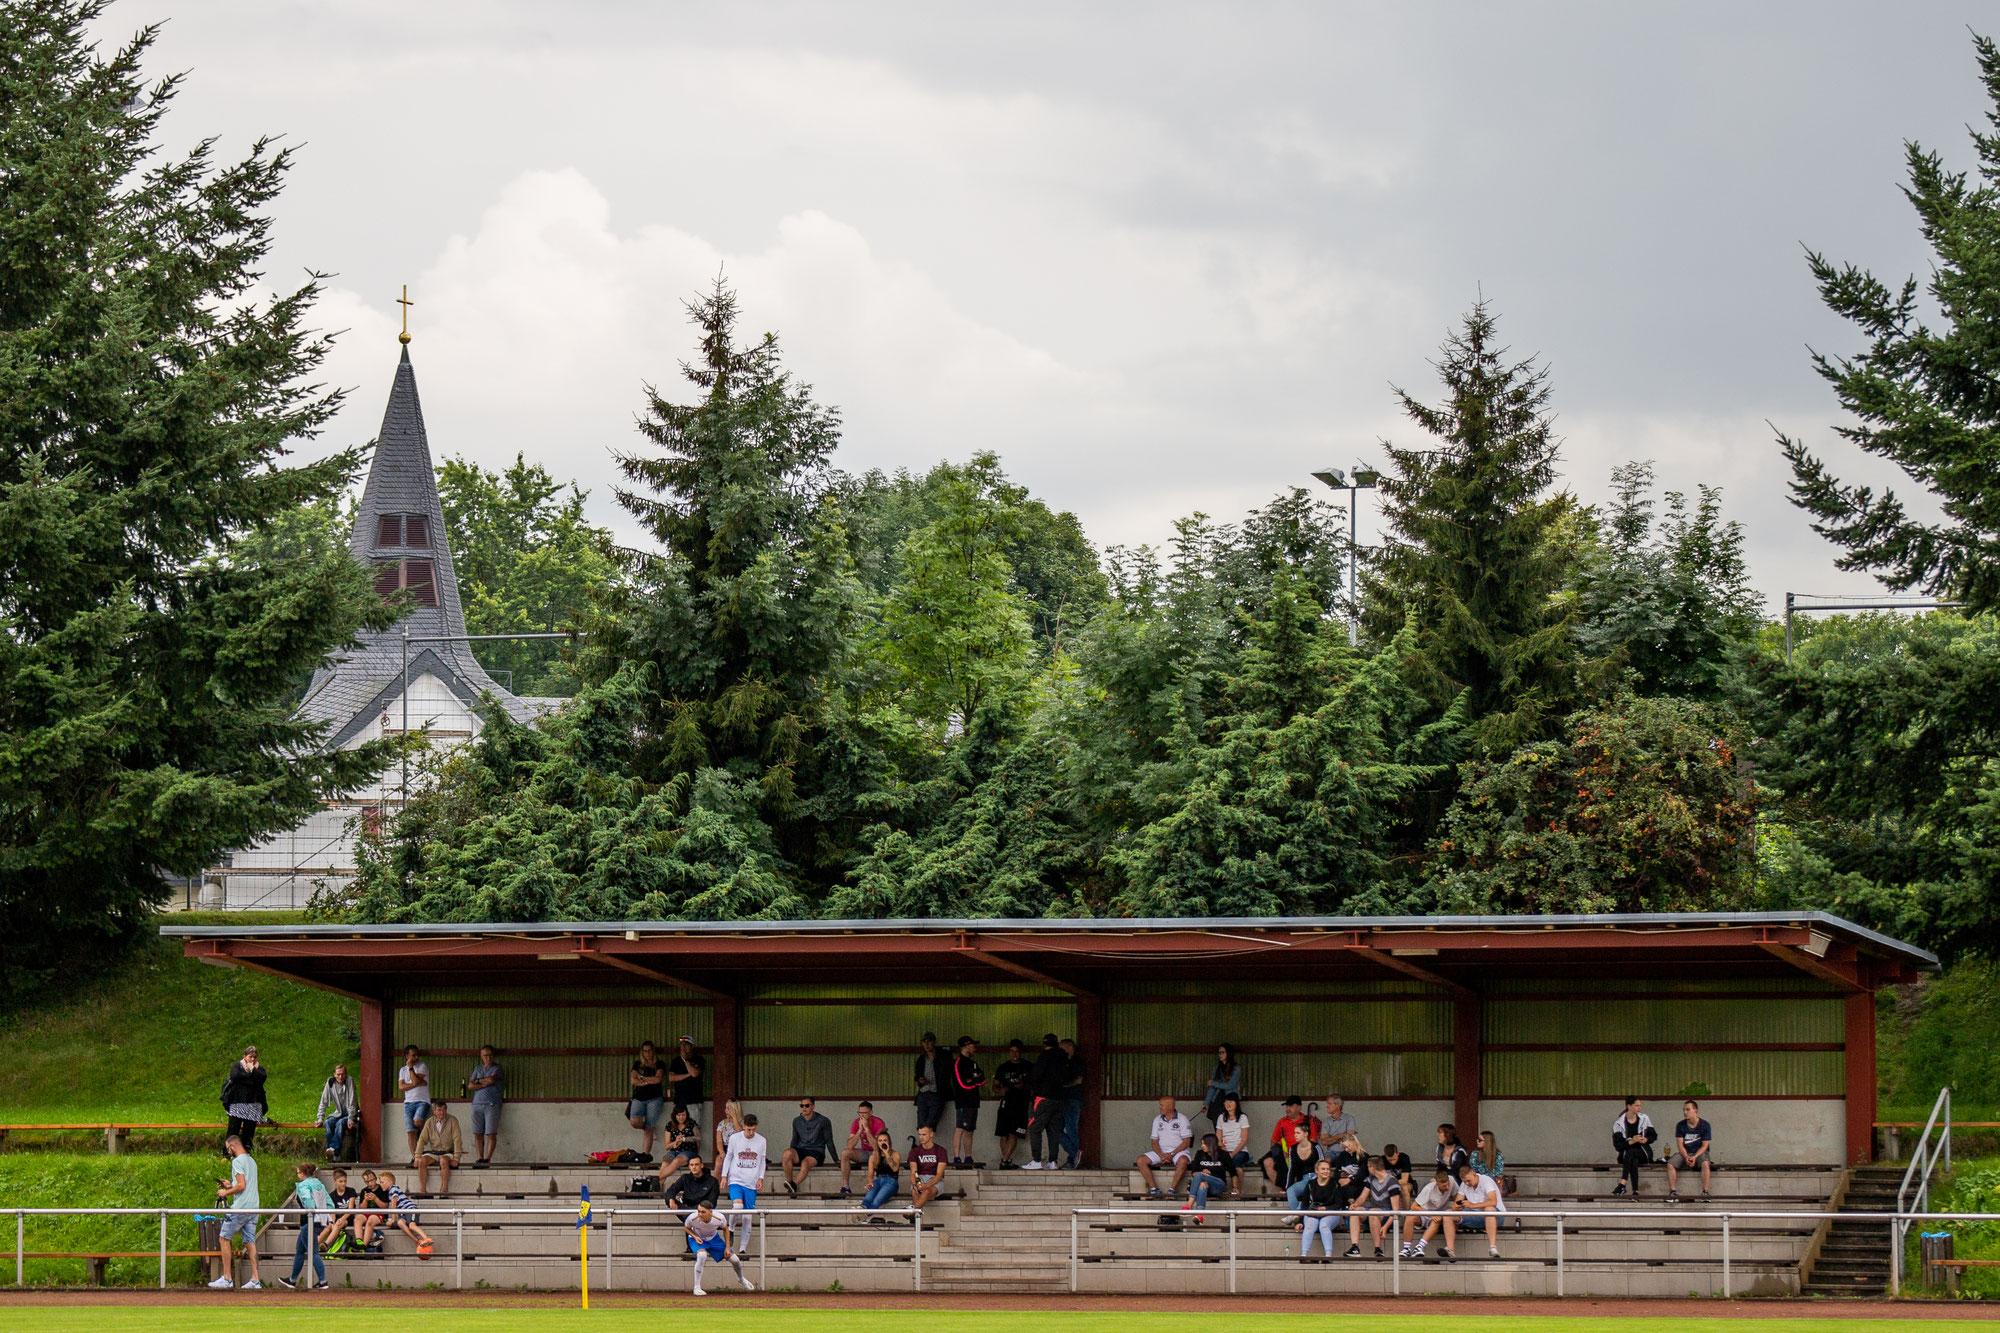 Groundhopping: FSV Zwönitz vs. FC Lößnitz II